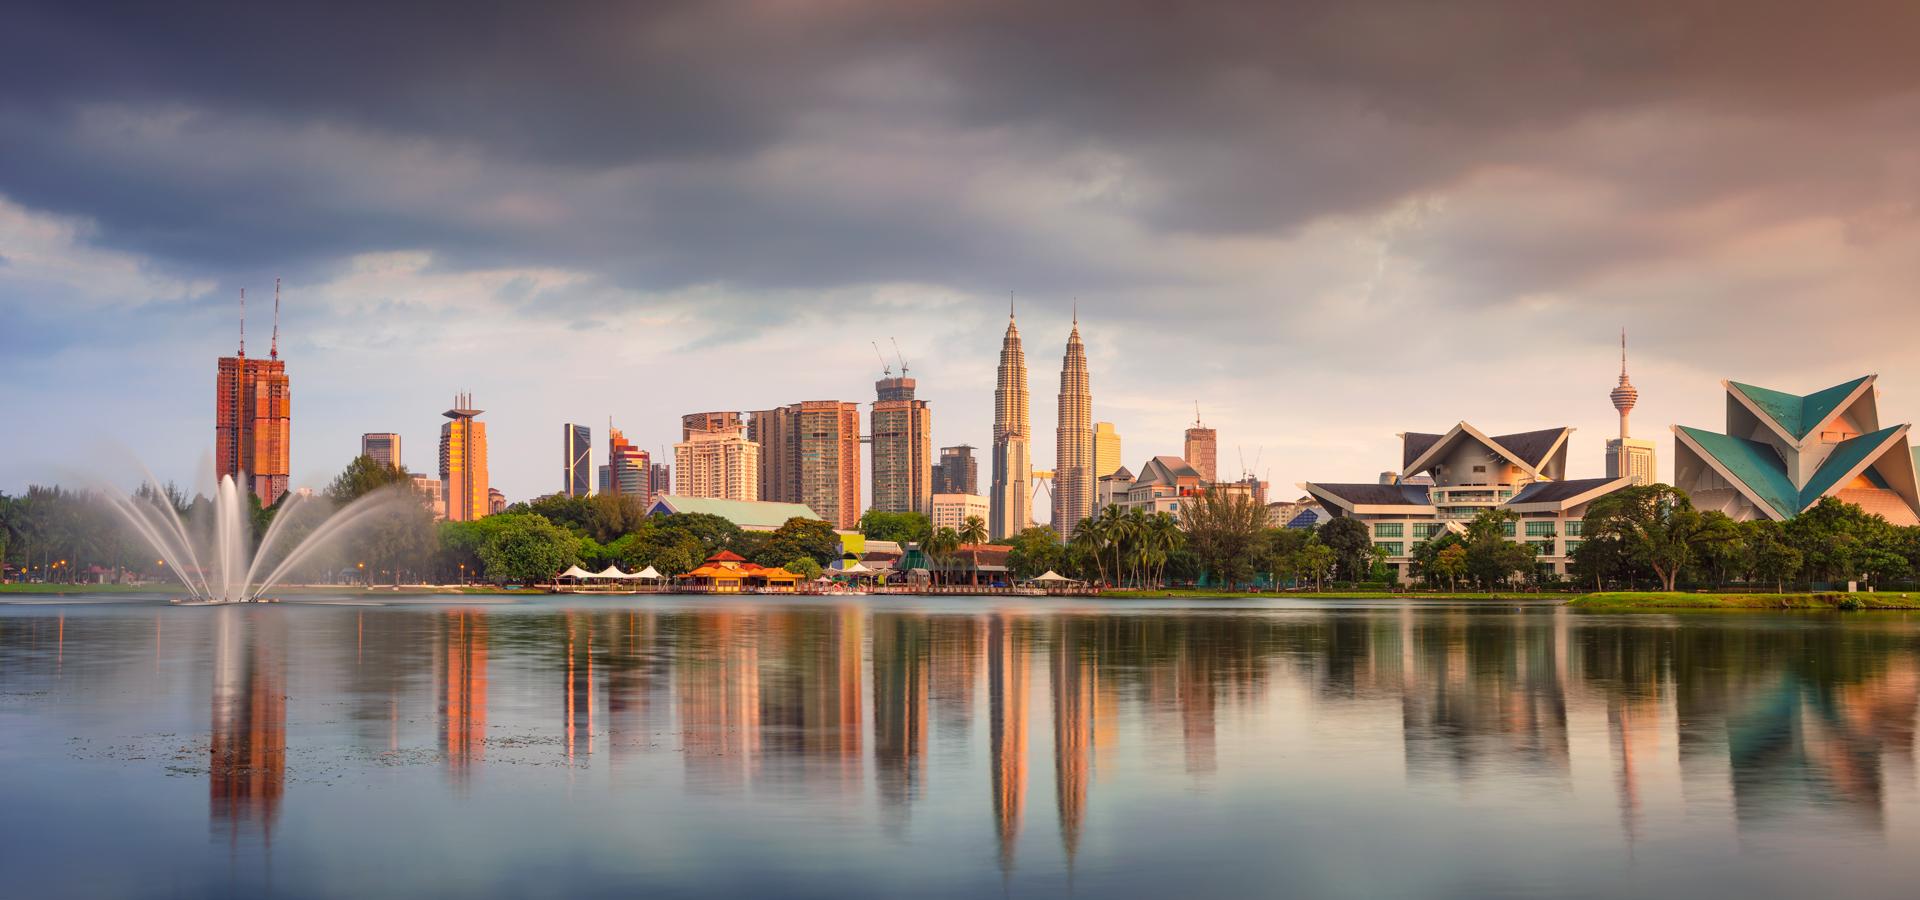 <b>Asia/Kuala_Lumpur/Selangor</b>